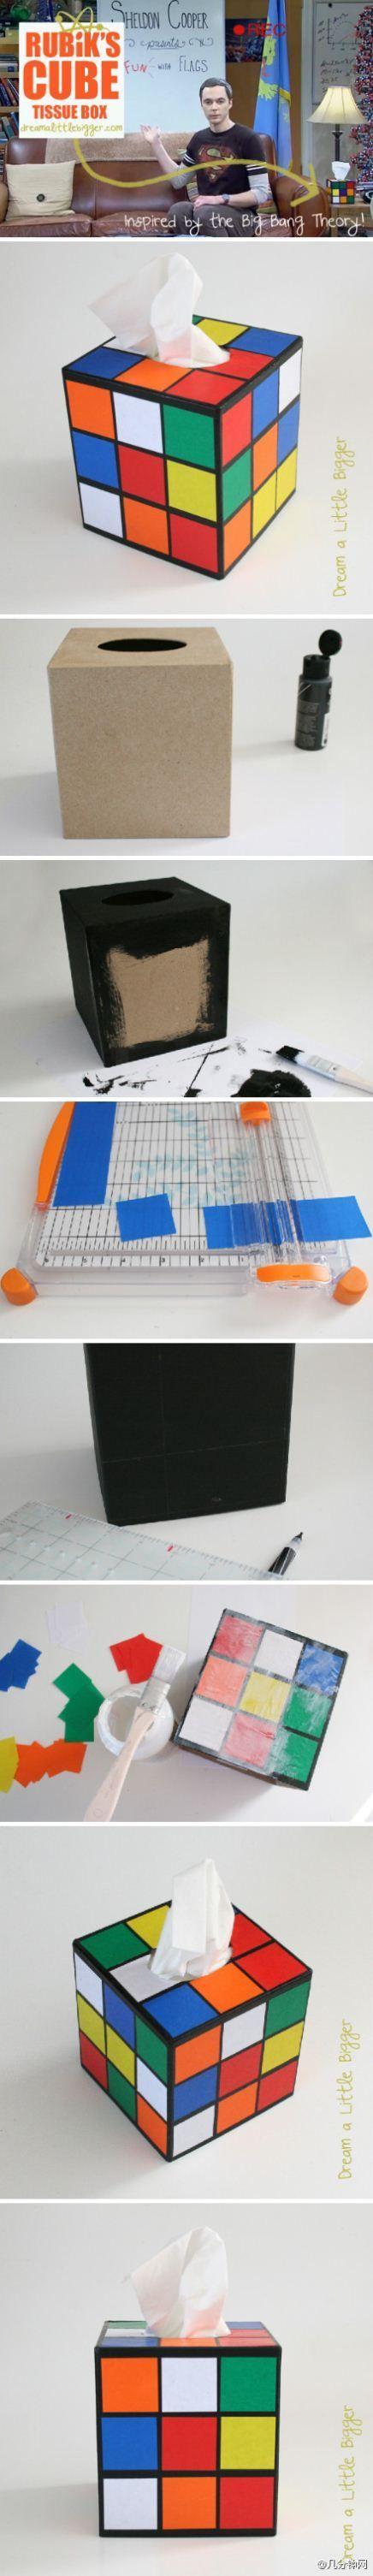 j'adore ... Rubiks Cube tissue box